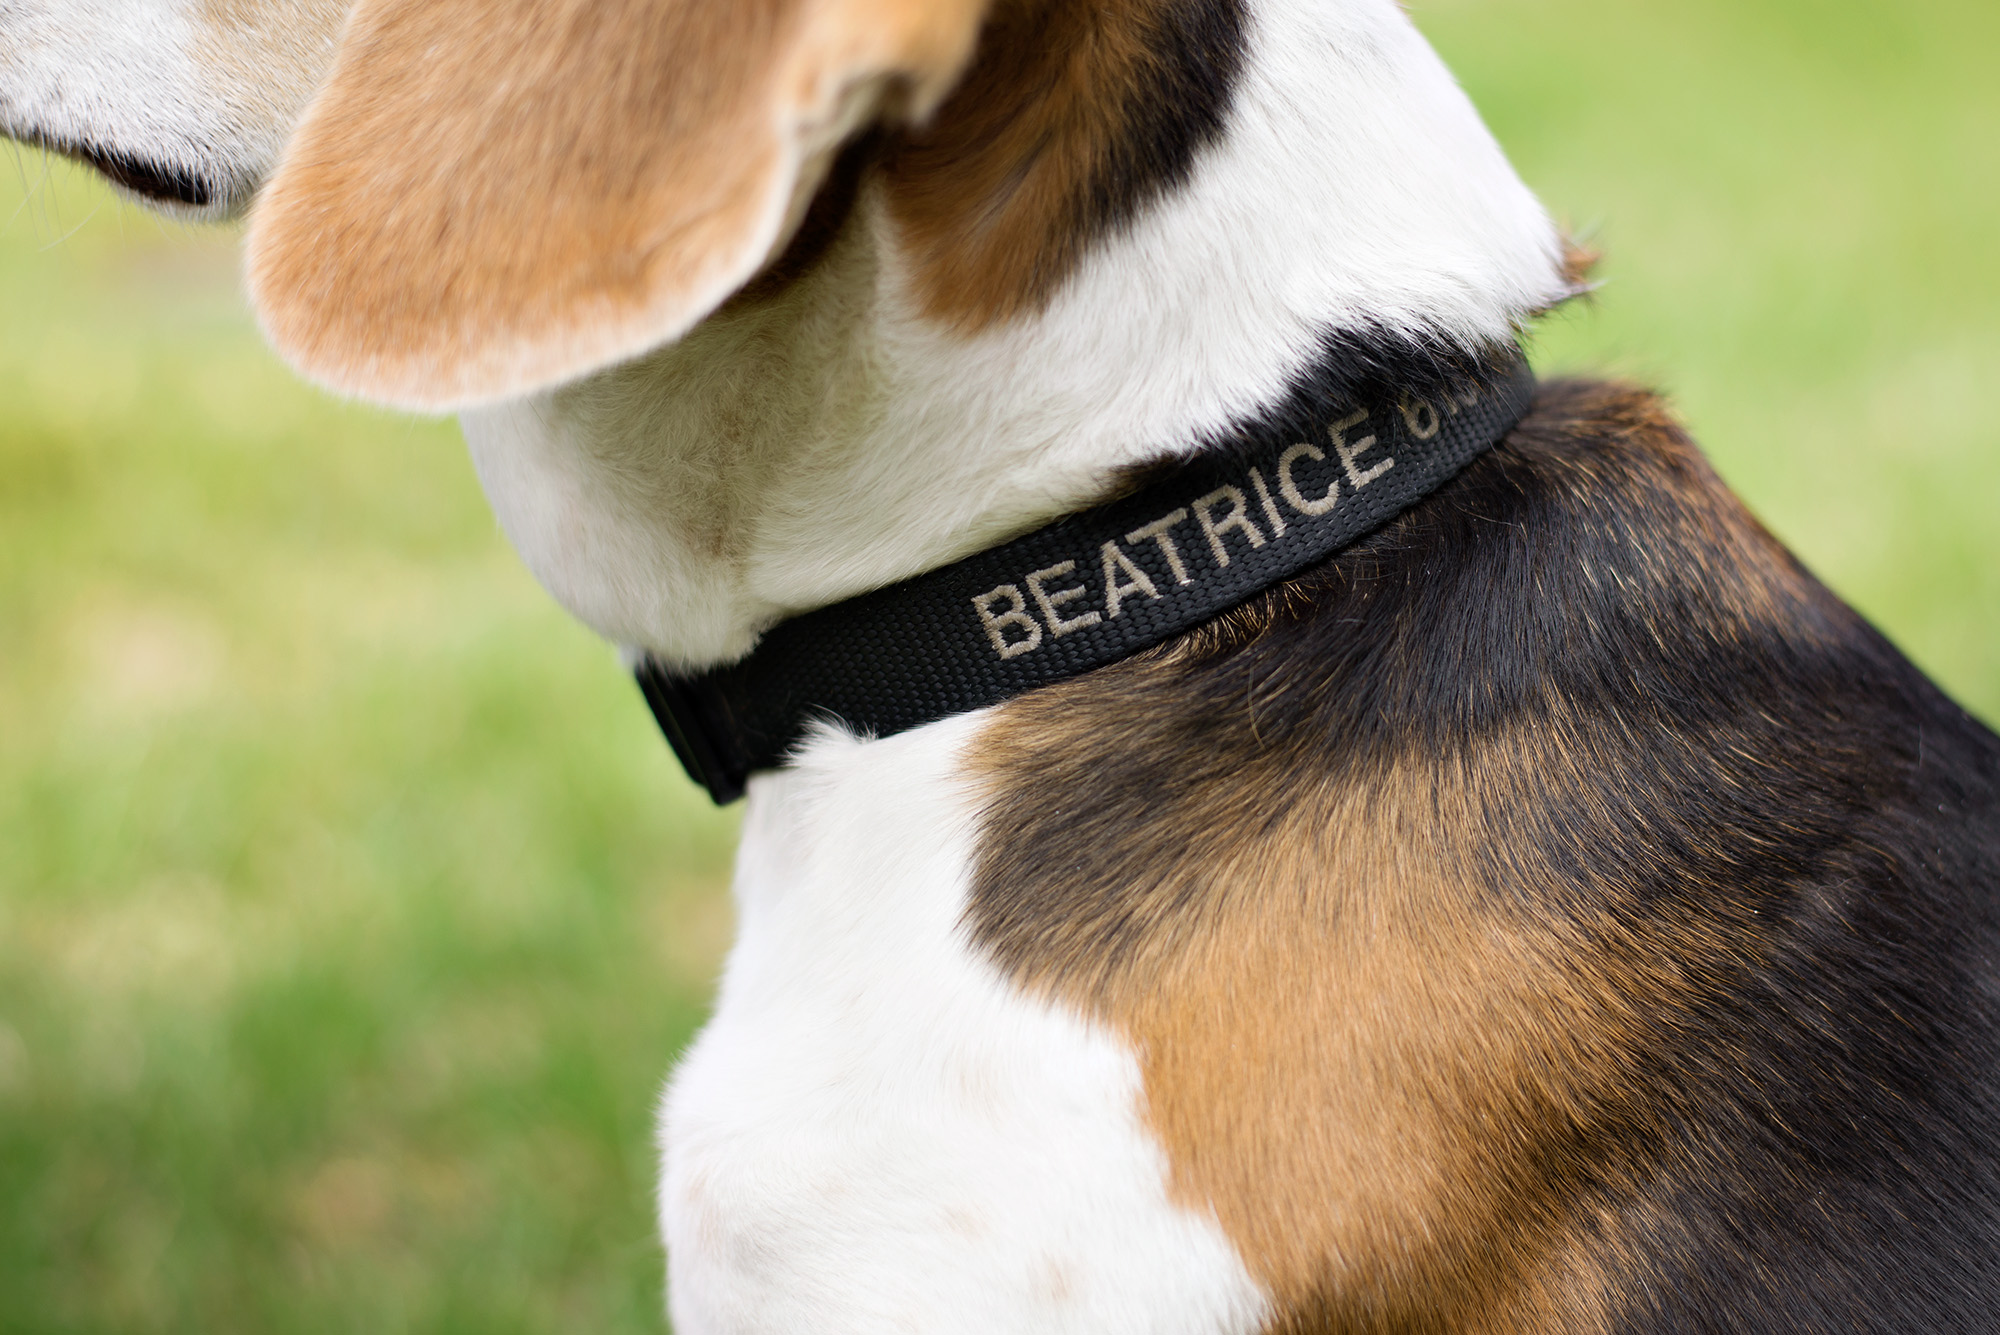 Beatrice_12.jpg